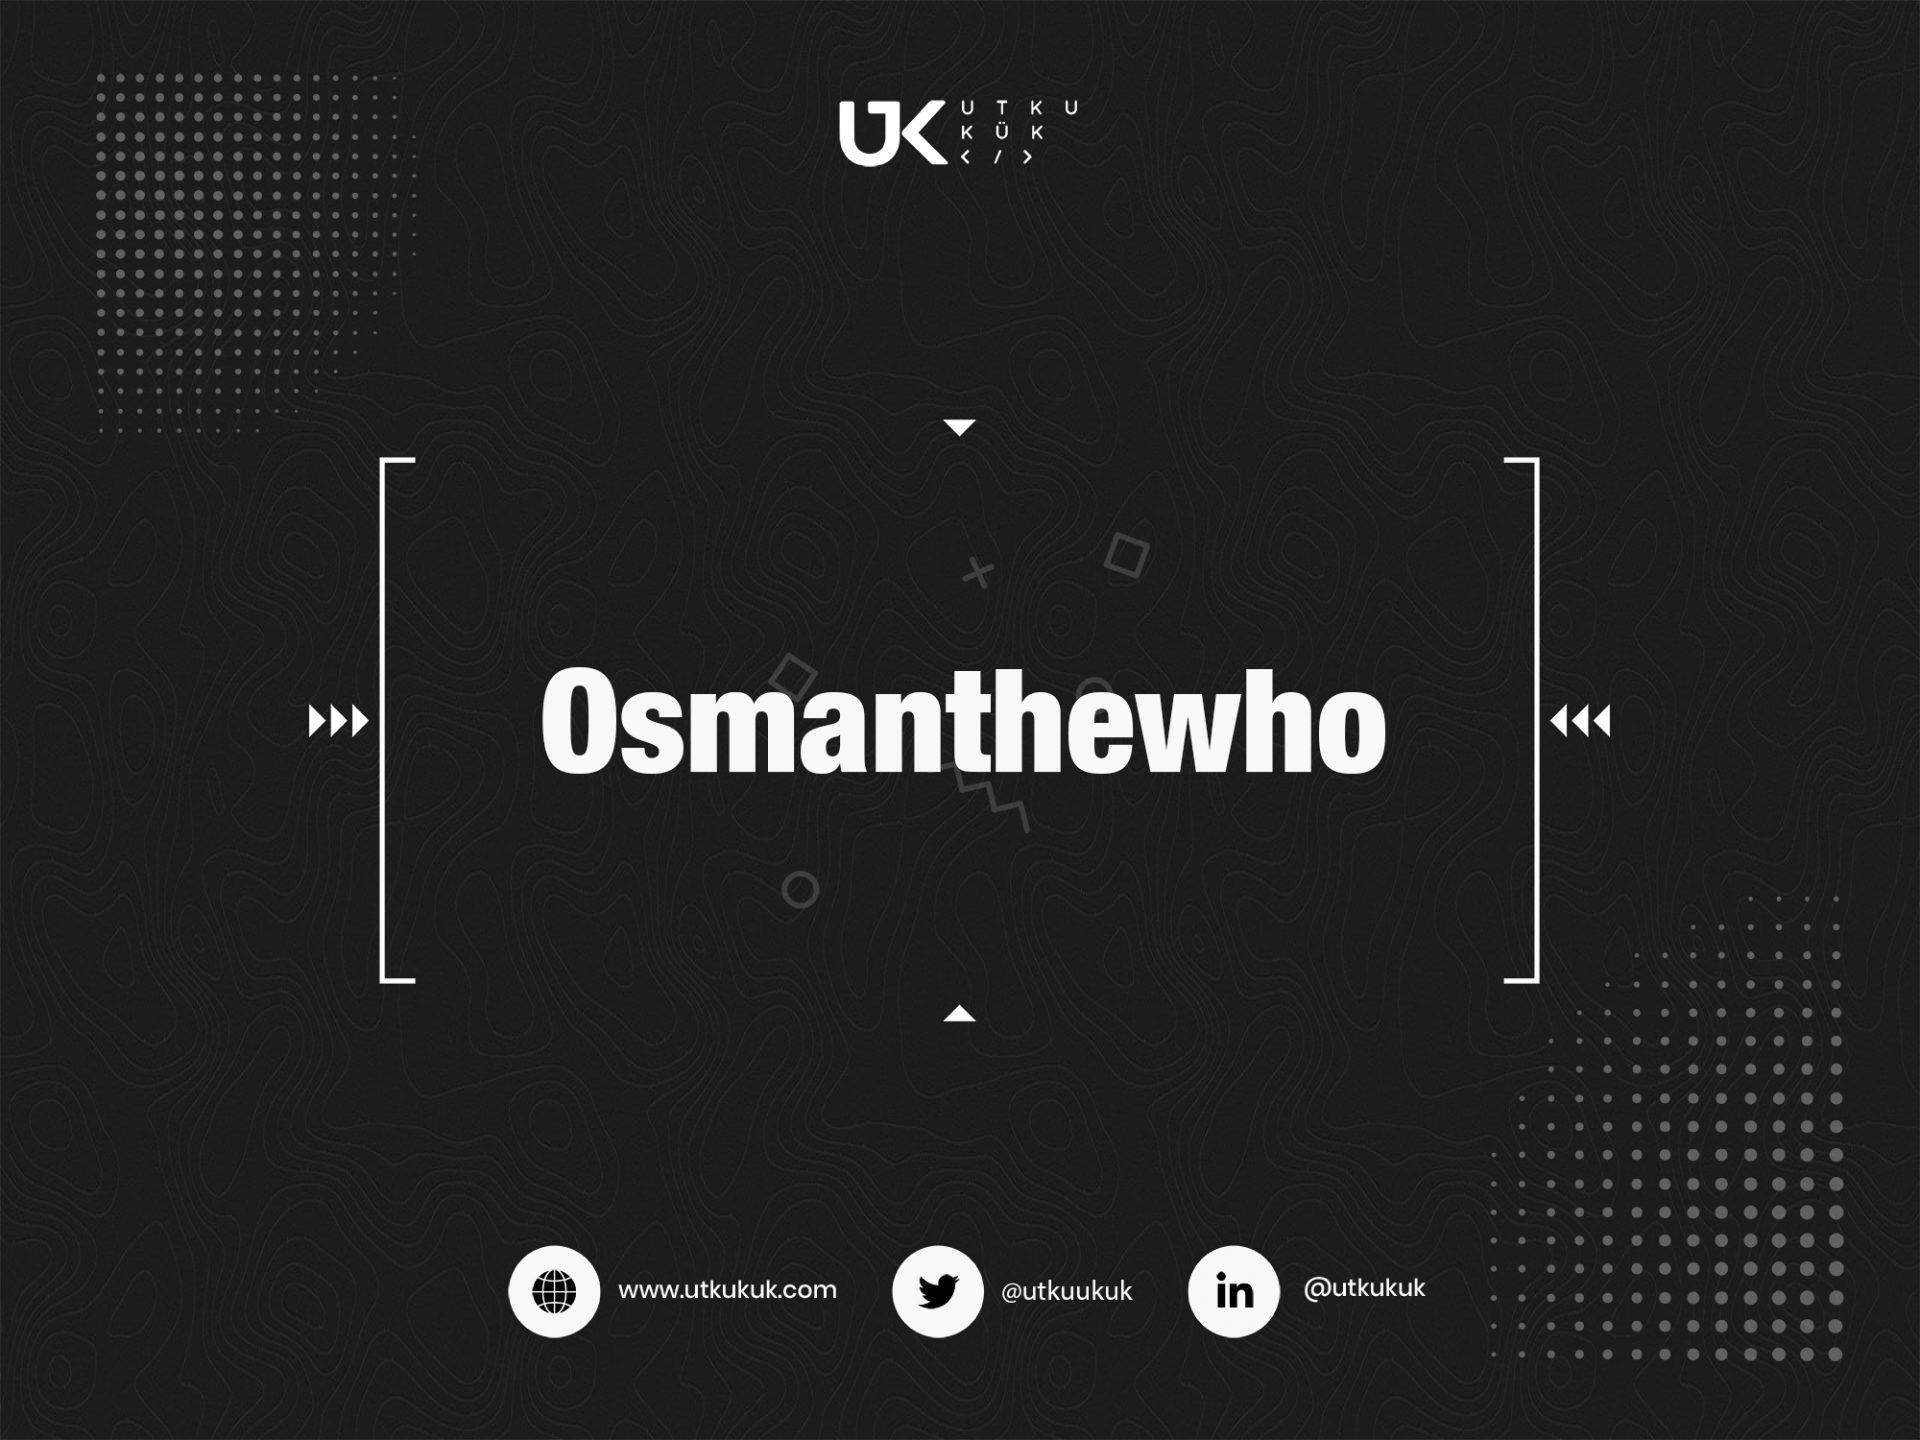 Osmanthewho